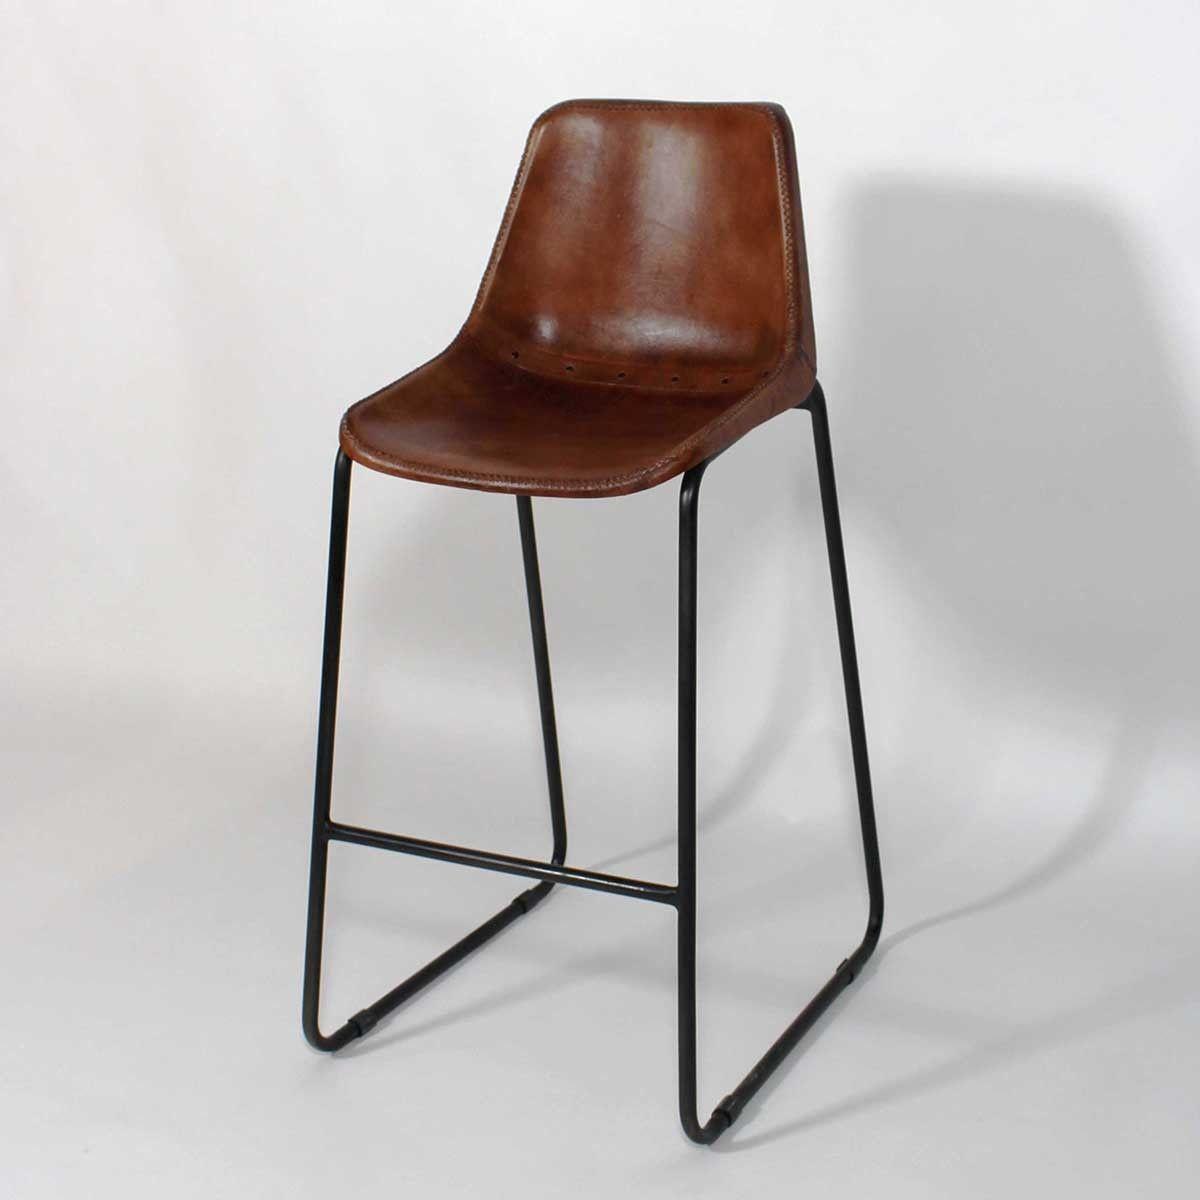 Votre Salon Prendra Tout De Suite Un Esprit Loft Industriel Avec La Chaise Bar Industrielle